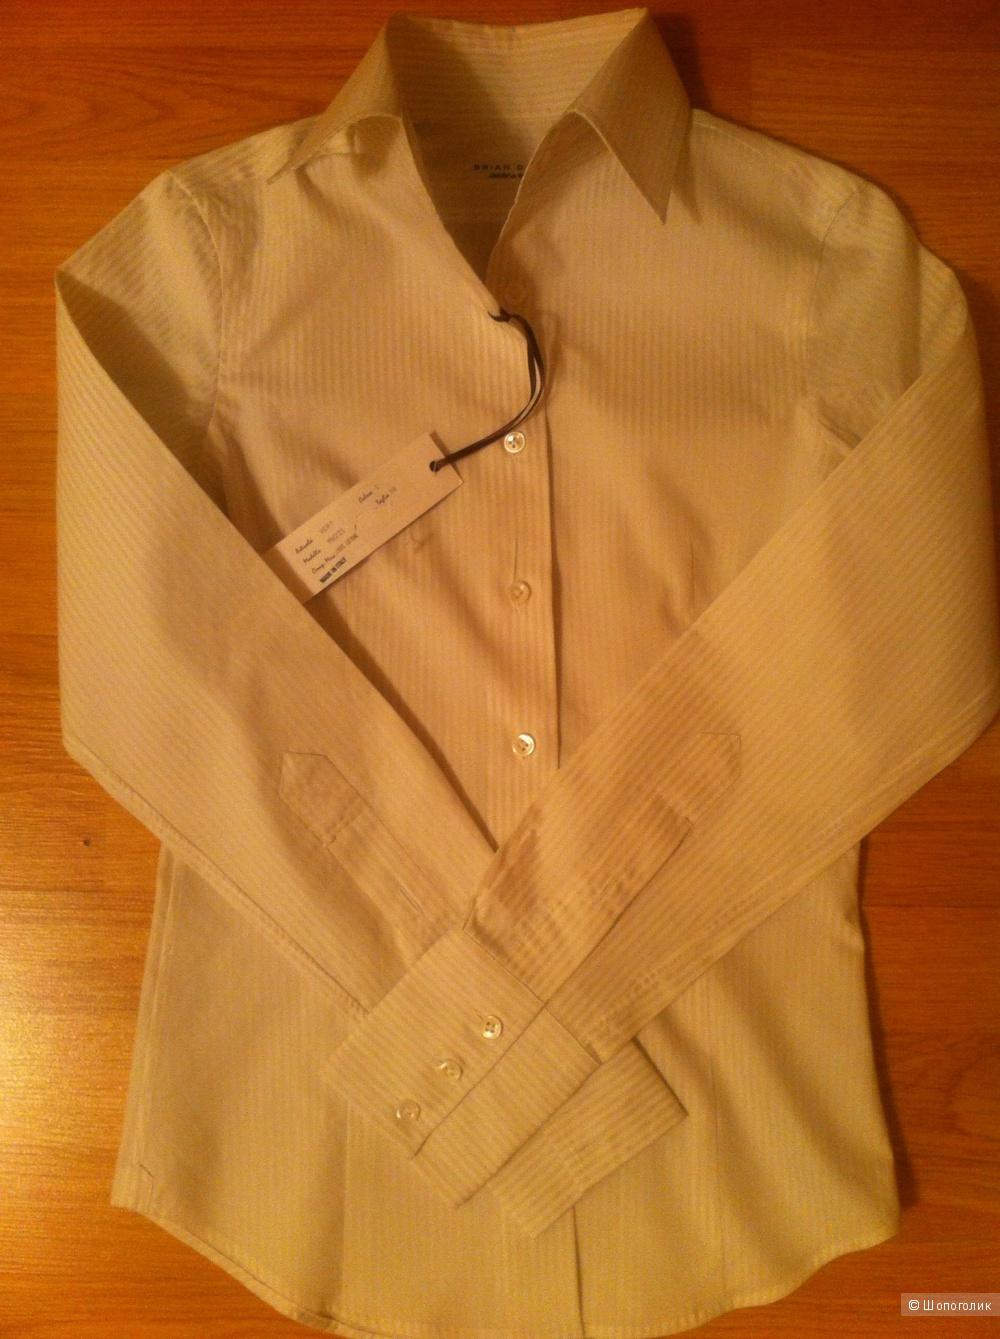 Пристрою новую женскую рубашку Brian Dales 38 IT, 40 Российский